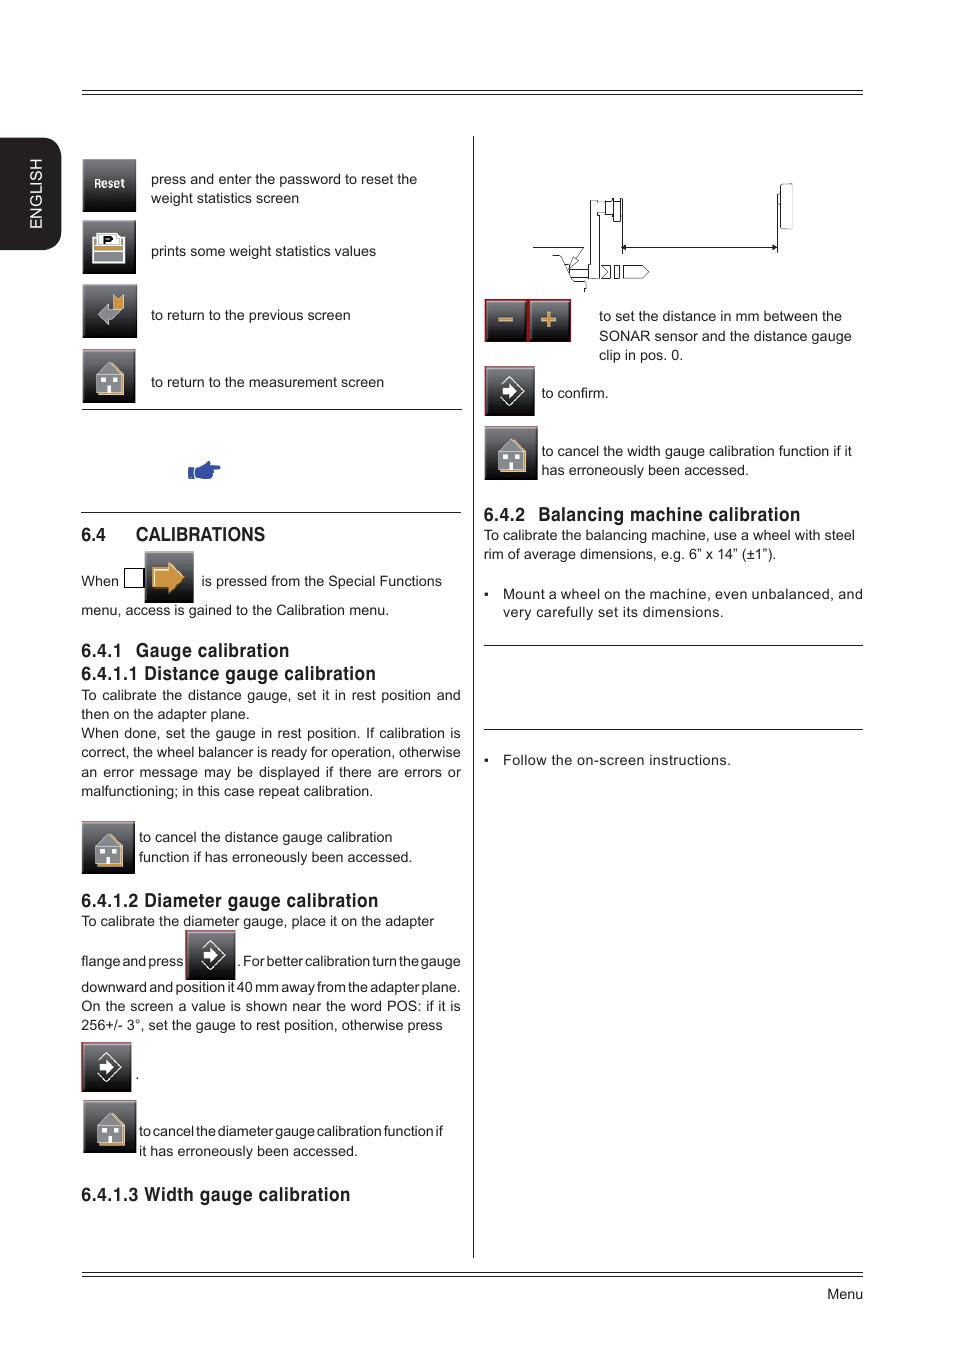 2 Balancing Machine Calibration 4 Calibrations 2 Diameter Gauge